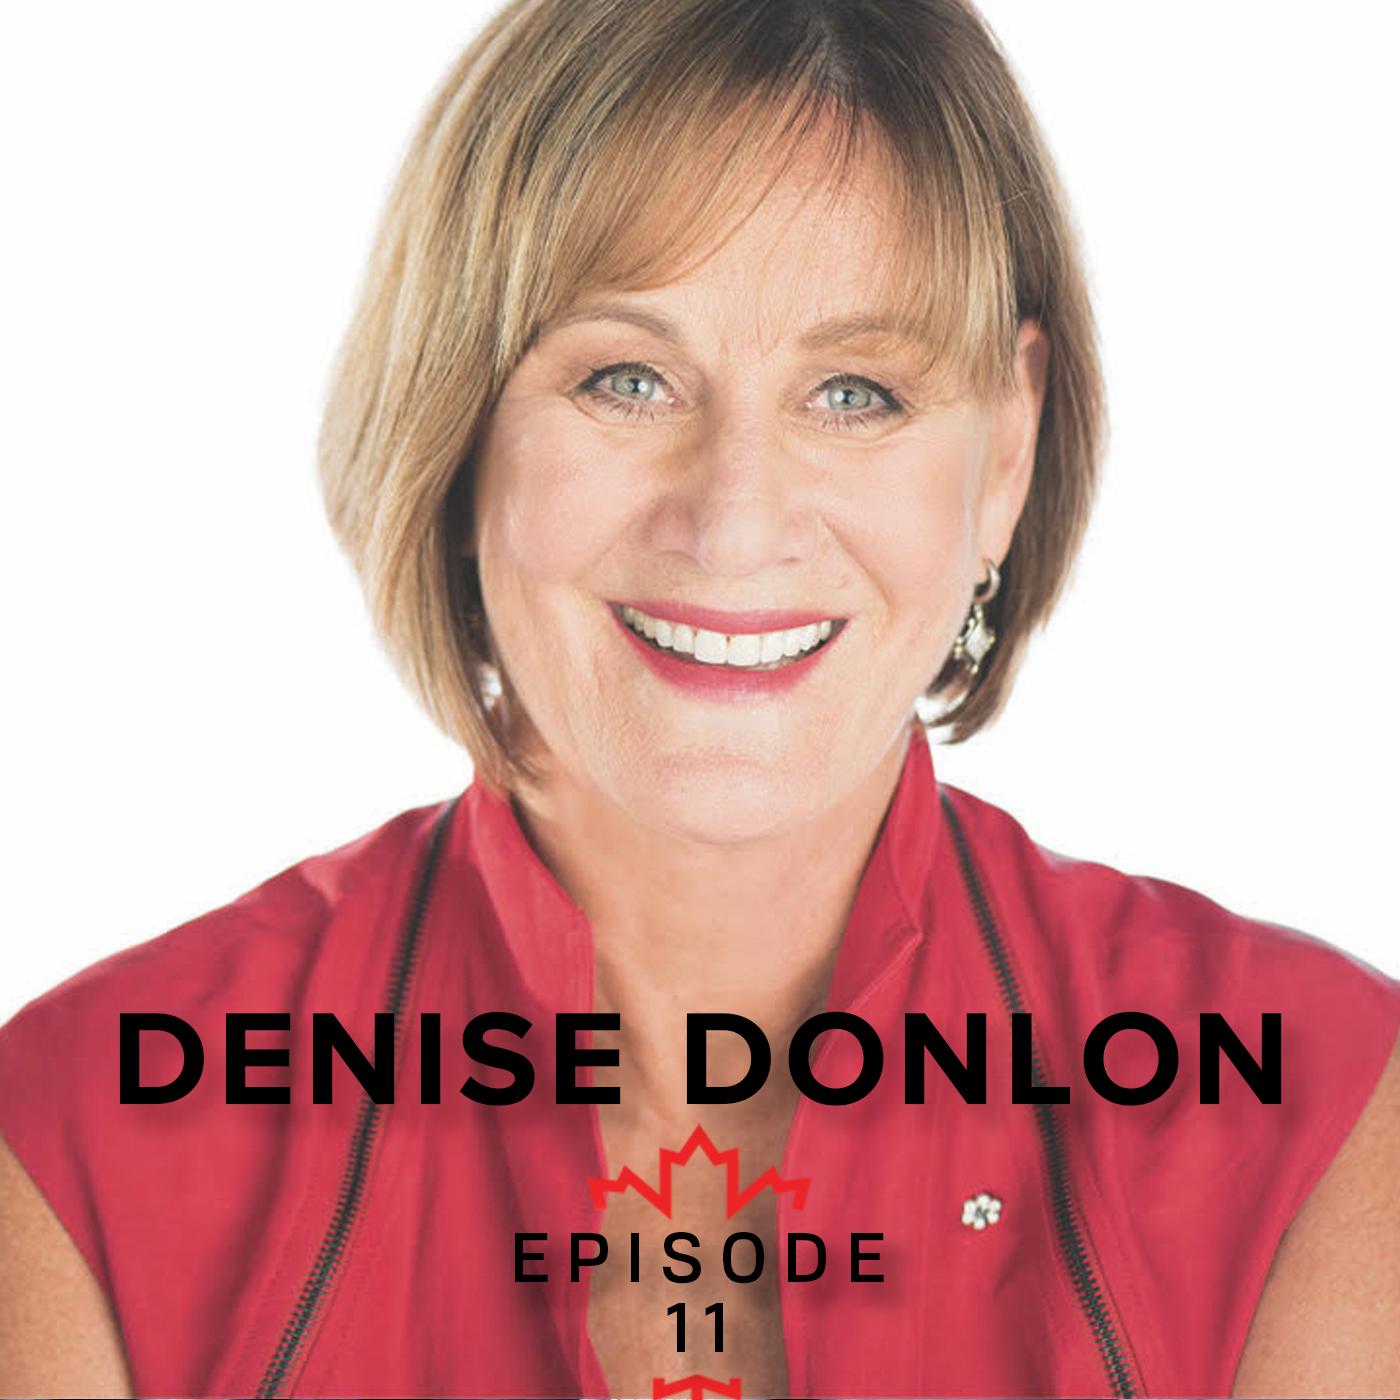 DeniseDonlon.jpg